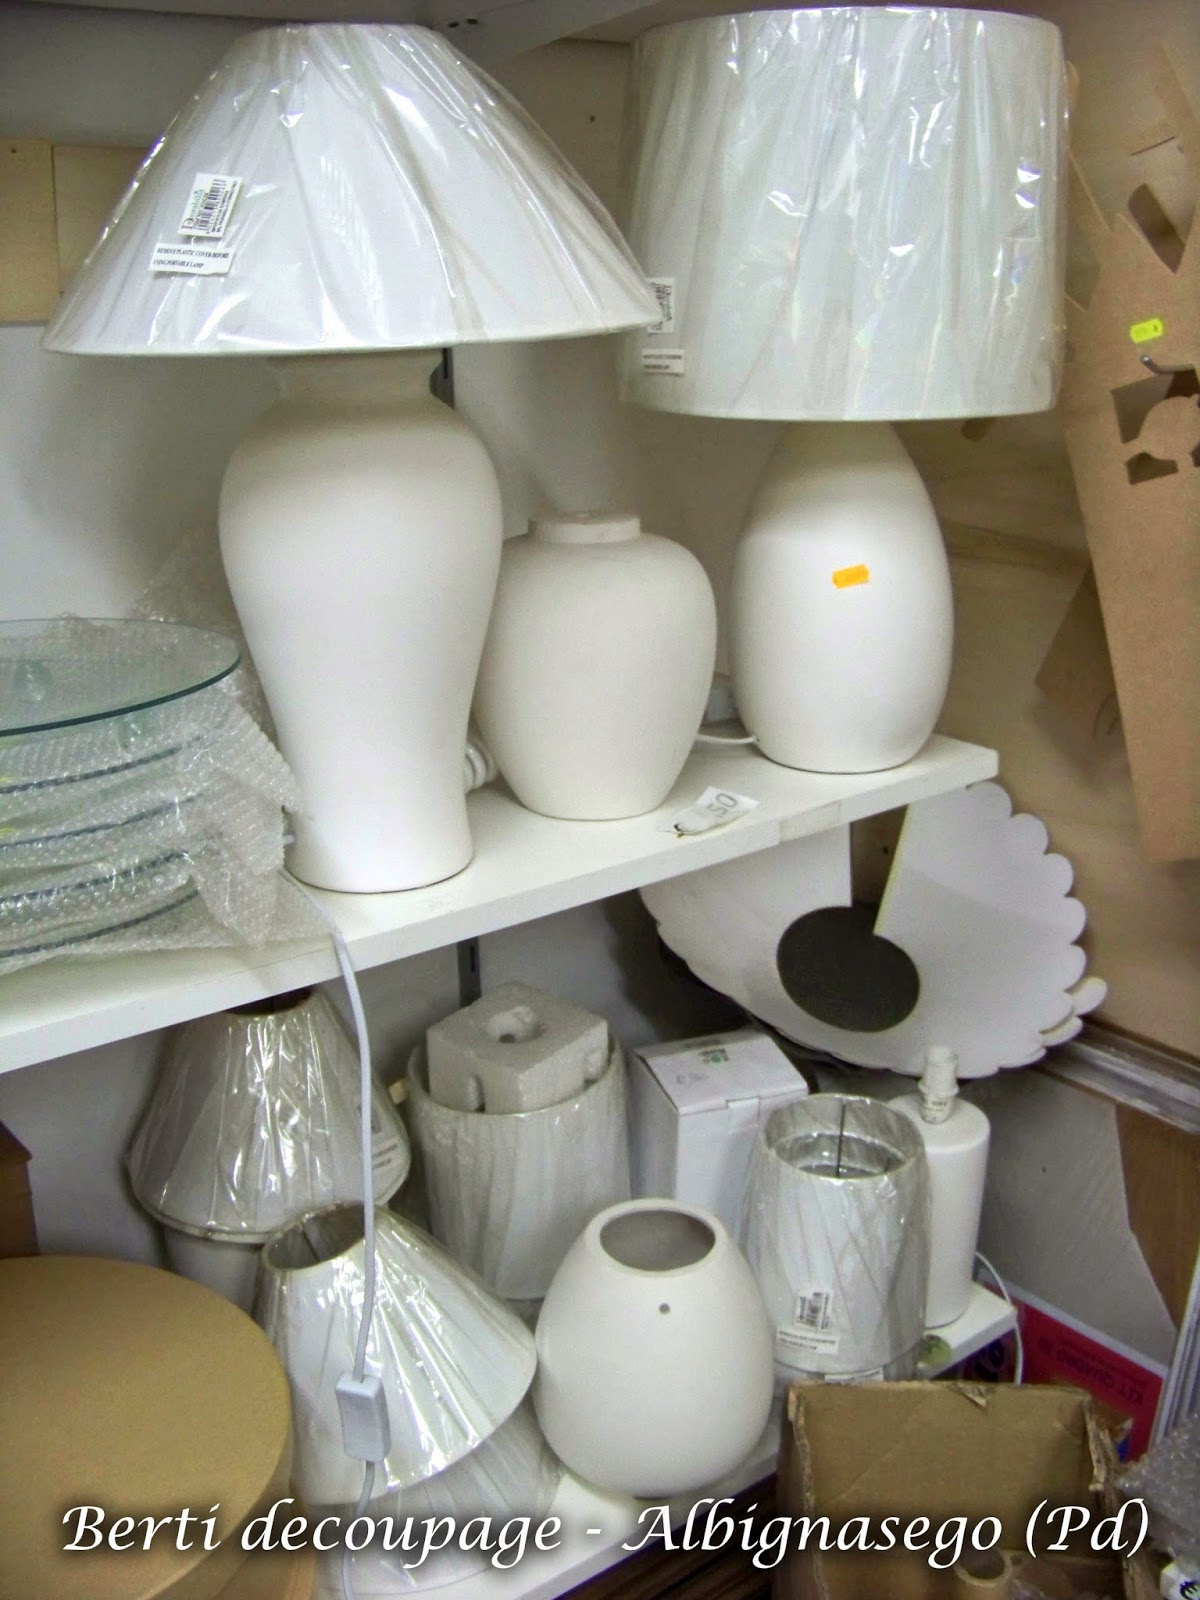 oggetti creativi fai da te : LAMPADE decorate fai da te, cucito, feltro, patchwork, nastri, idee ...